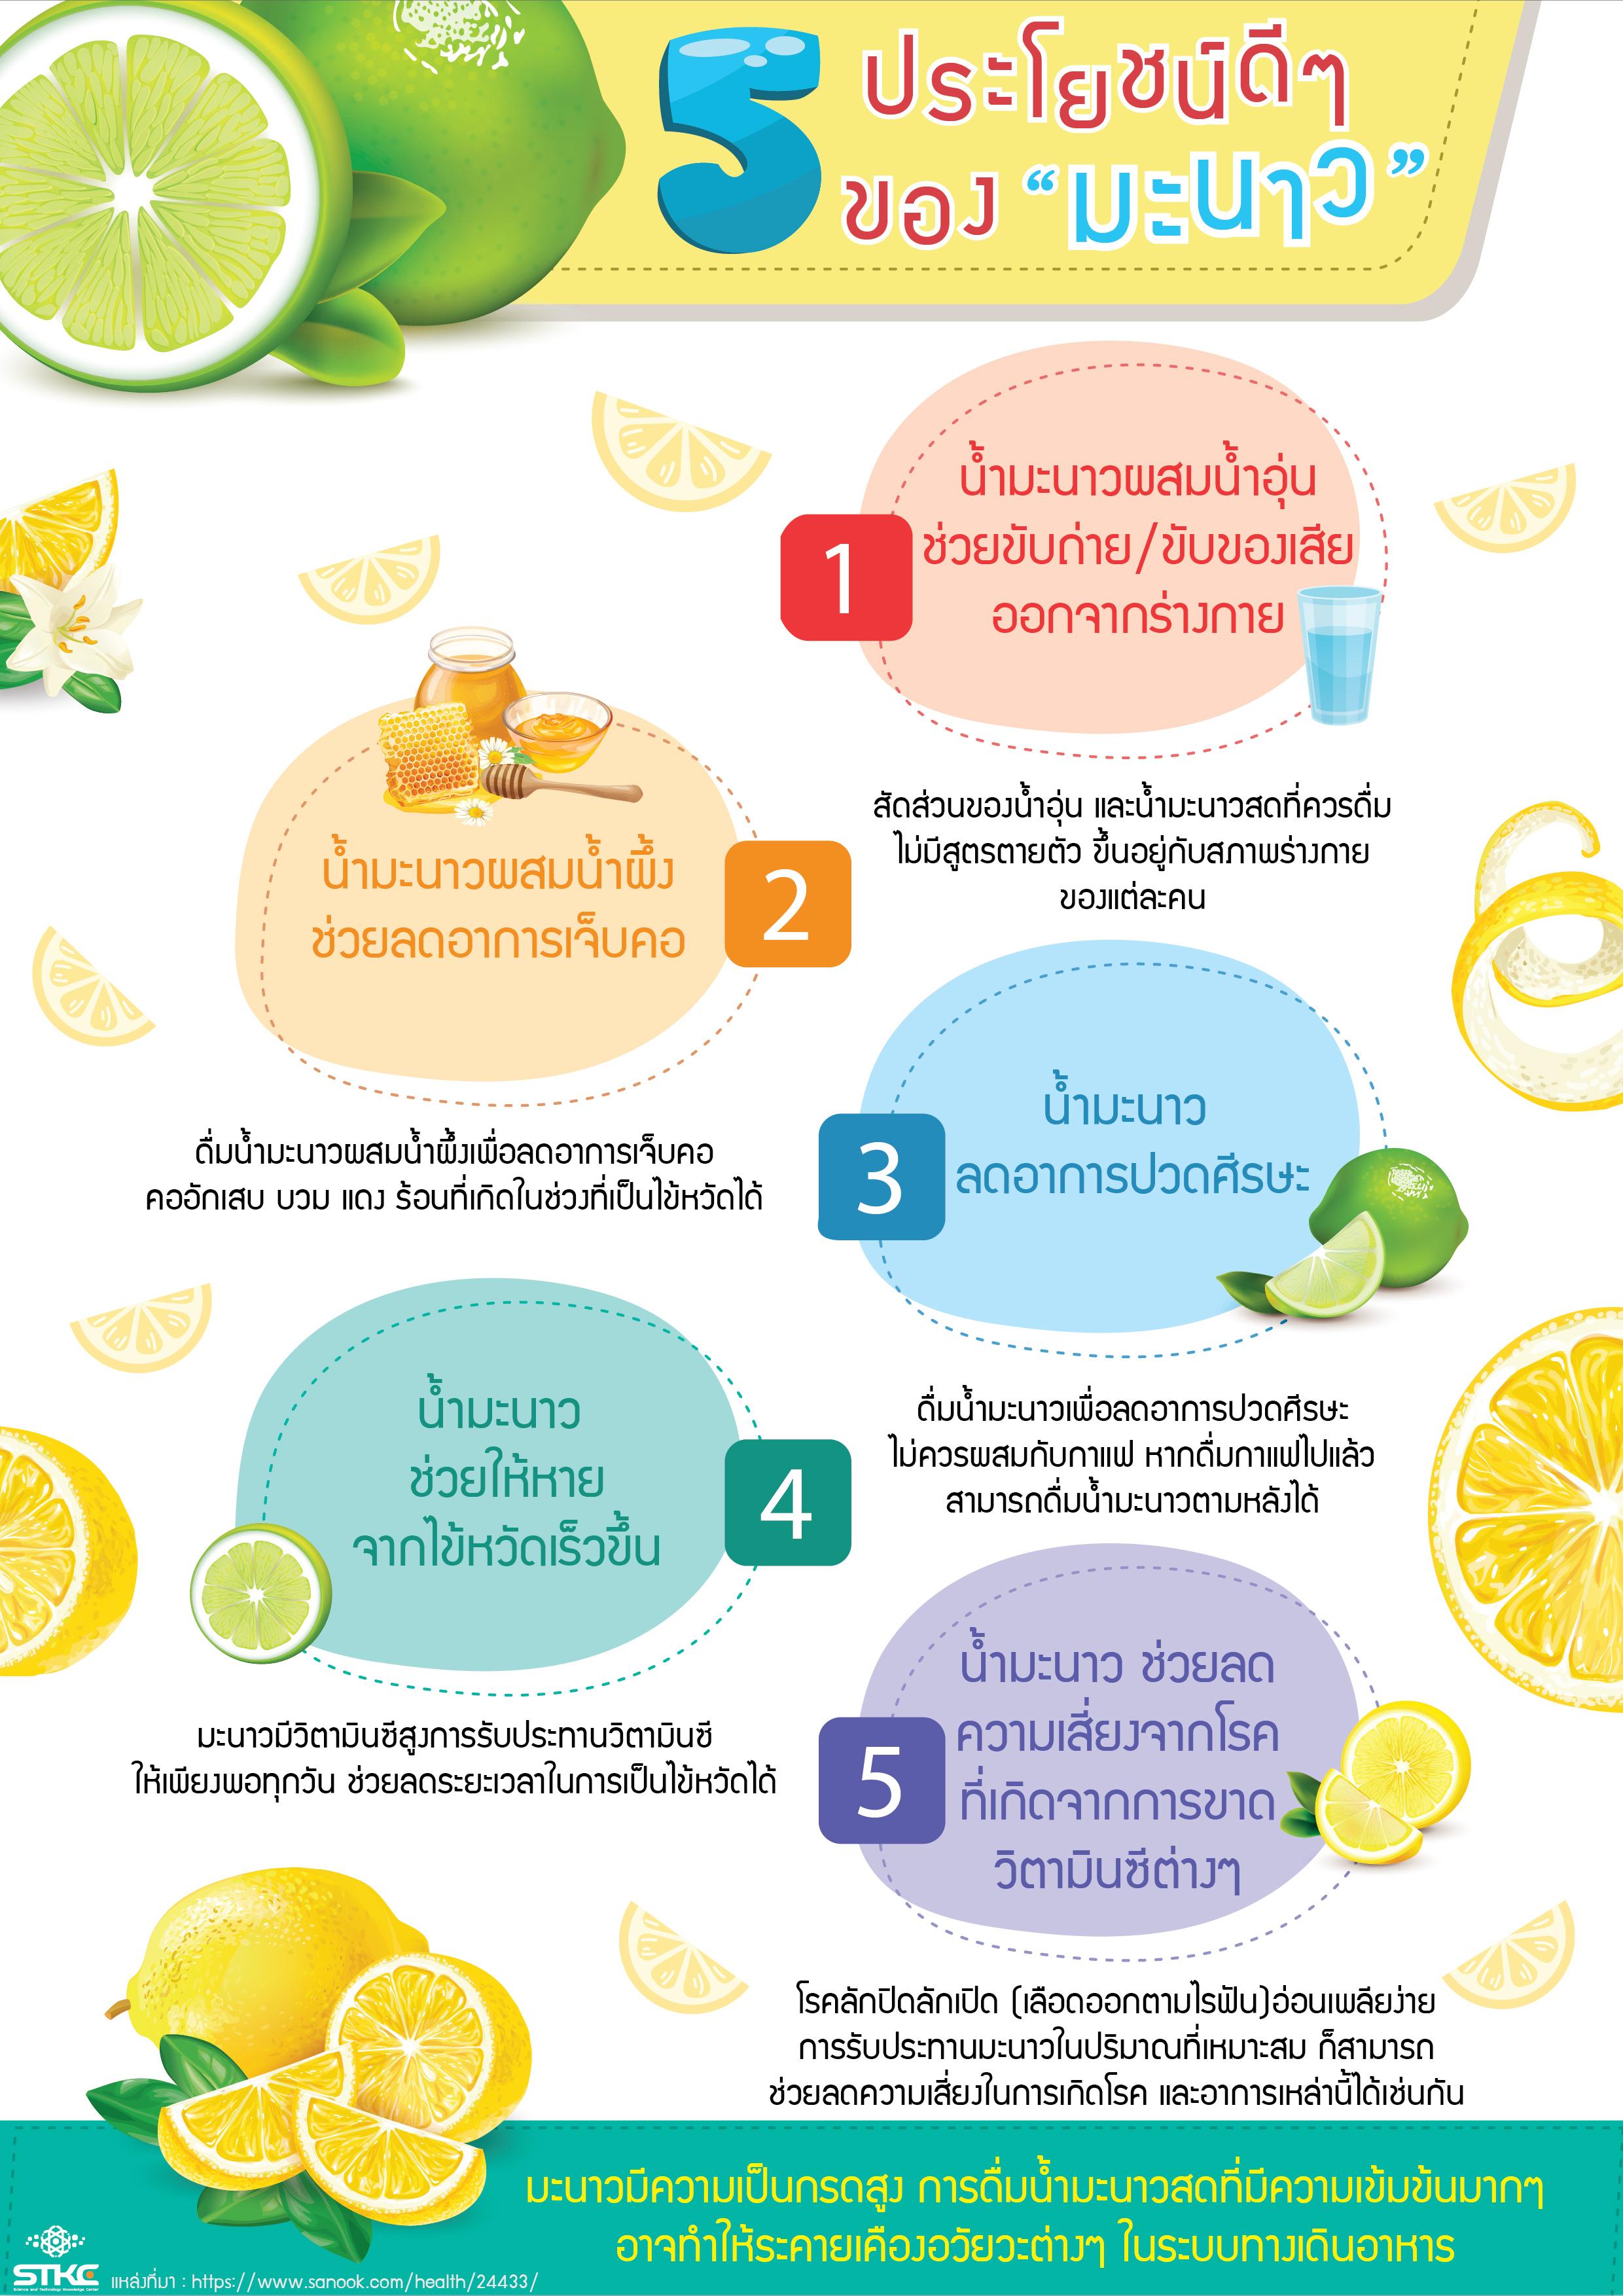 5 ประโยชน์ดีๆ ของมะนาว